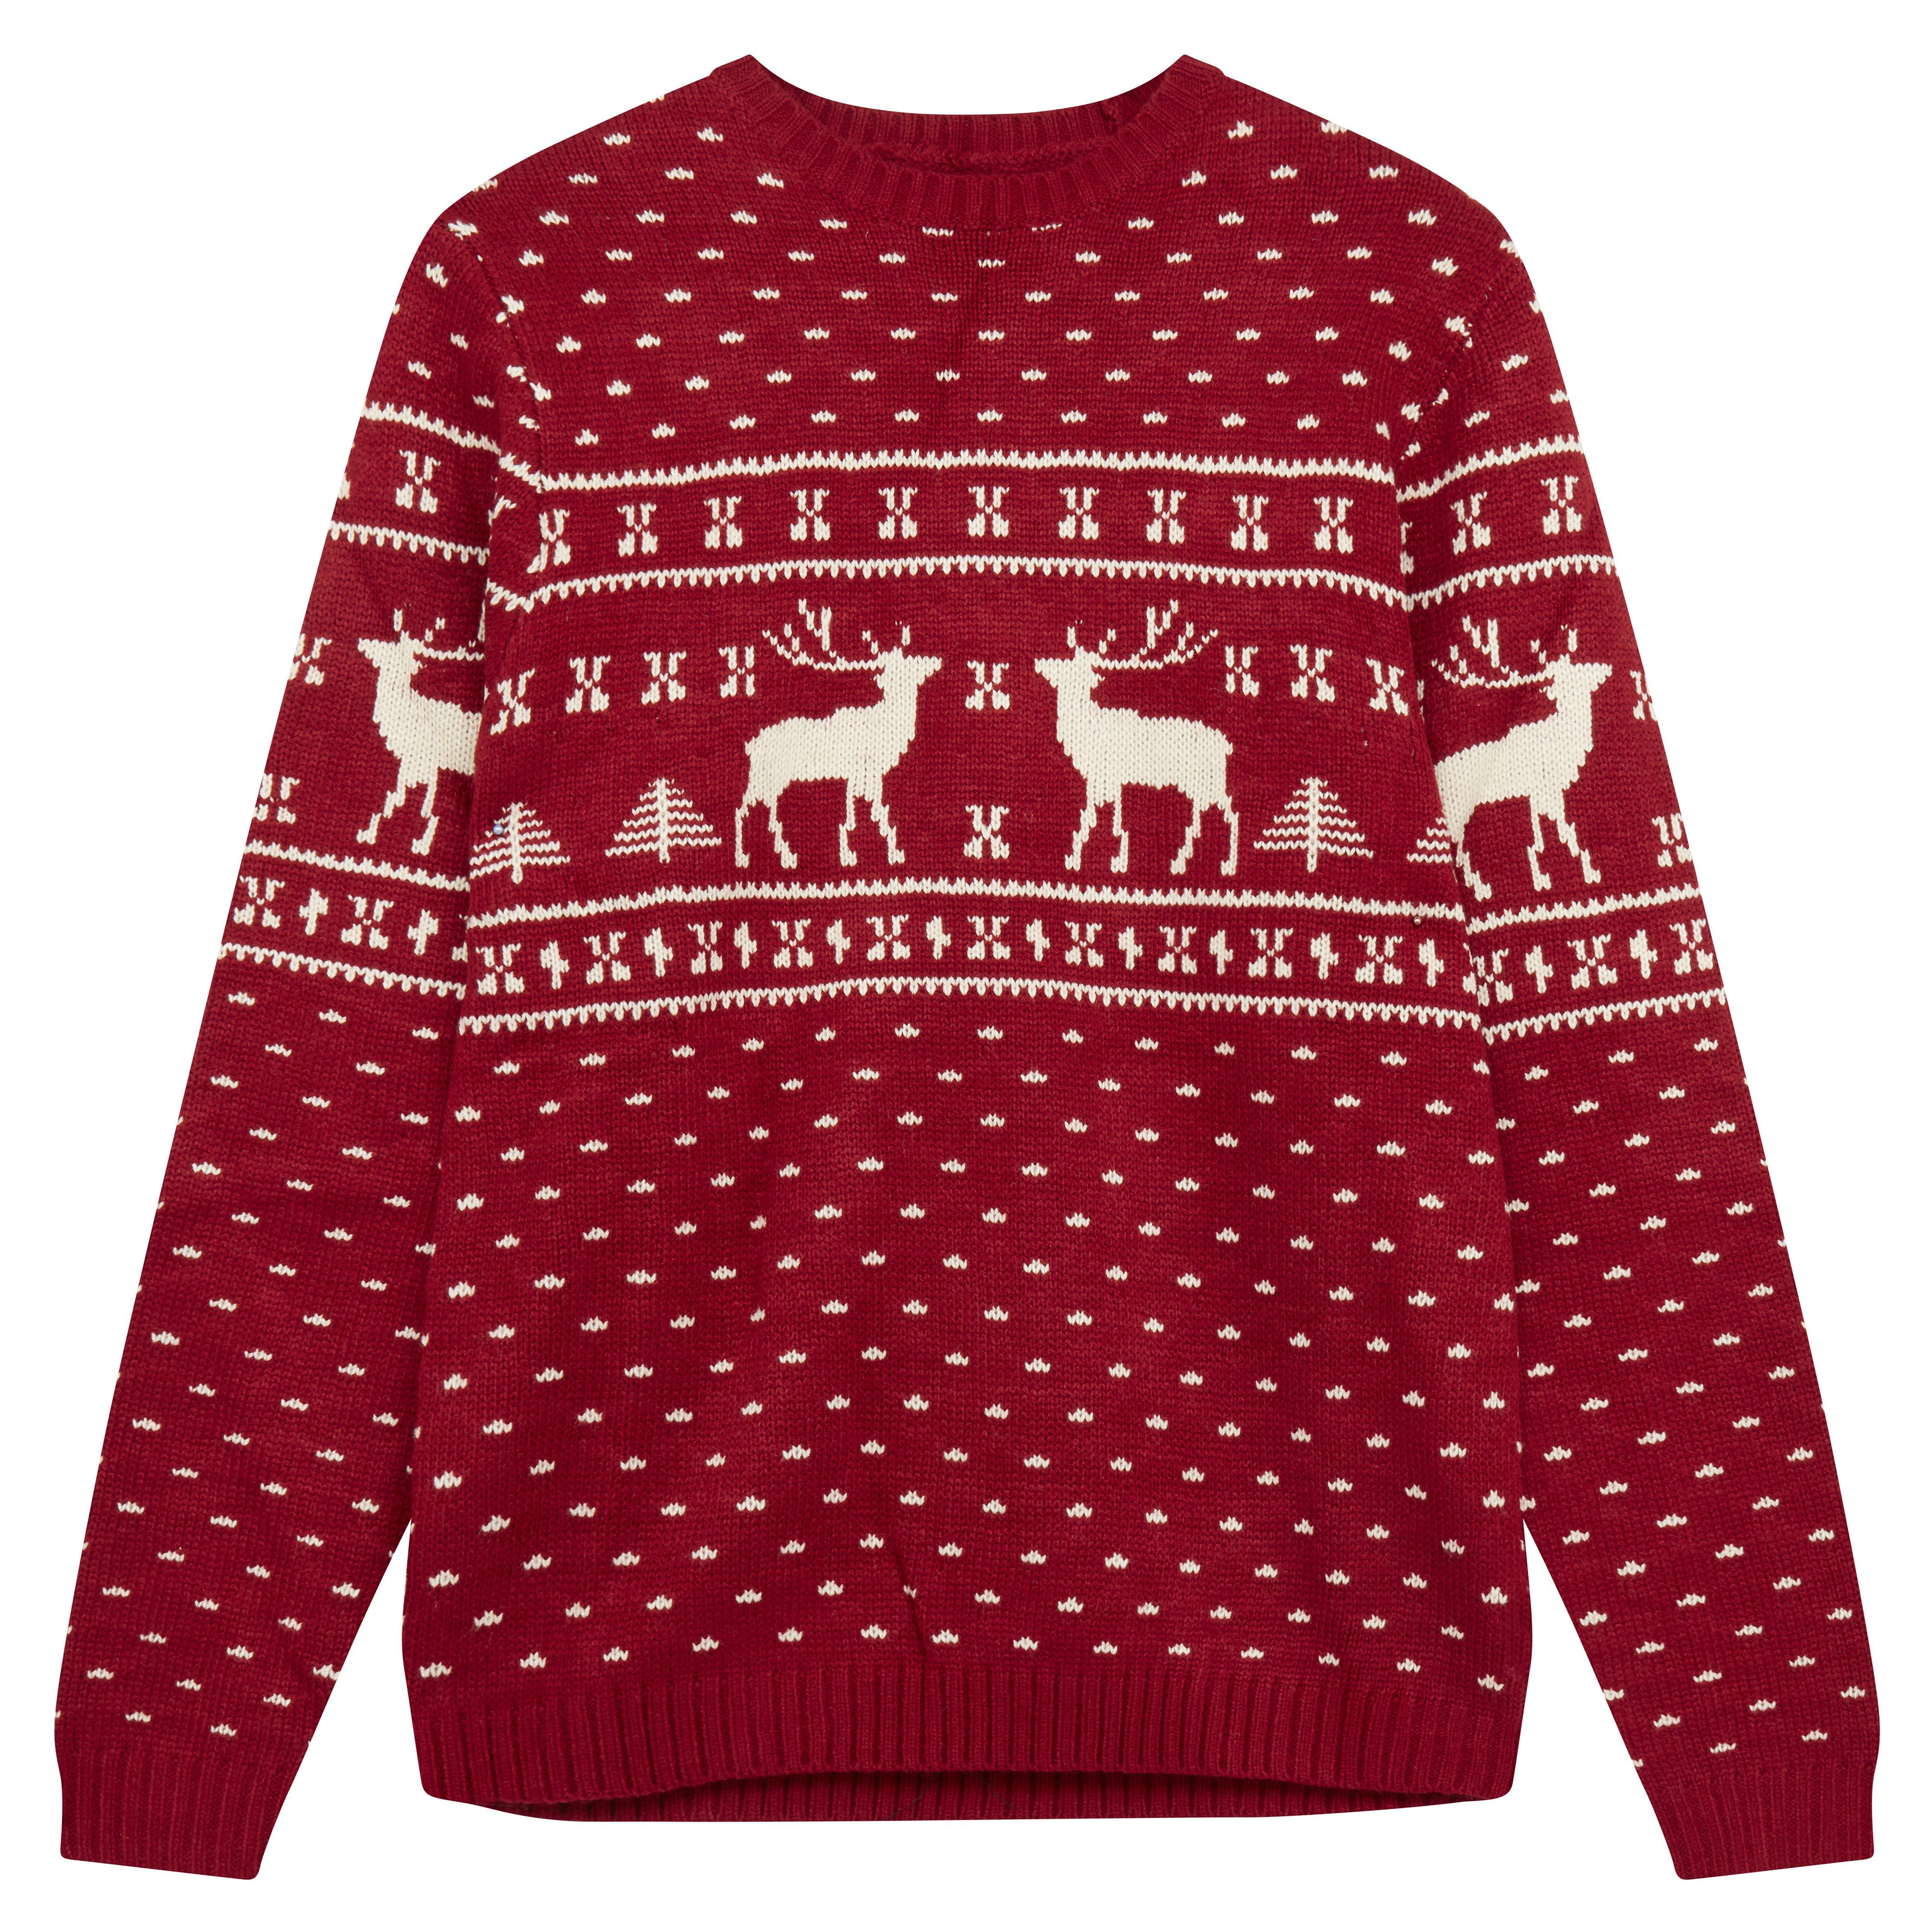 Jersey de punto con diseño navideño de renos en rojo